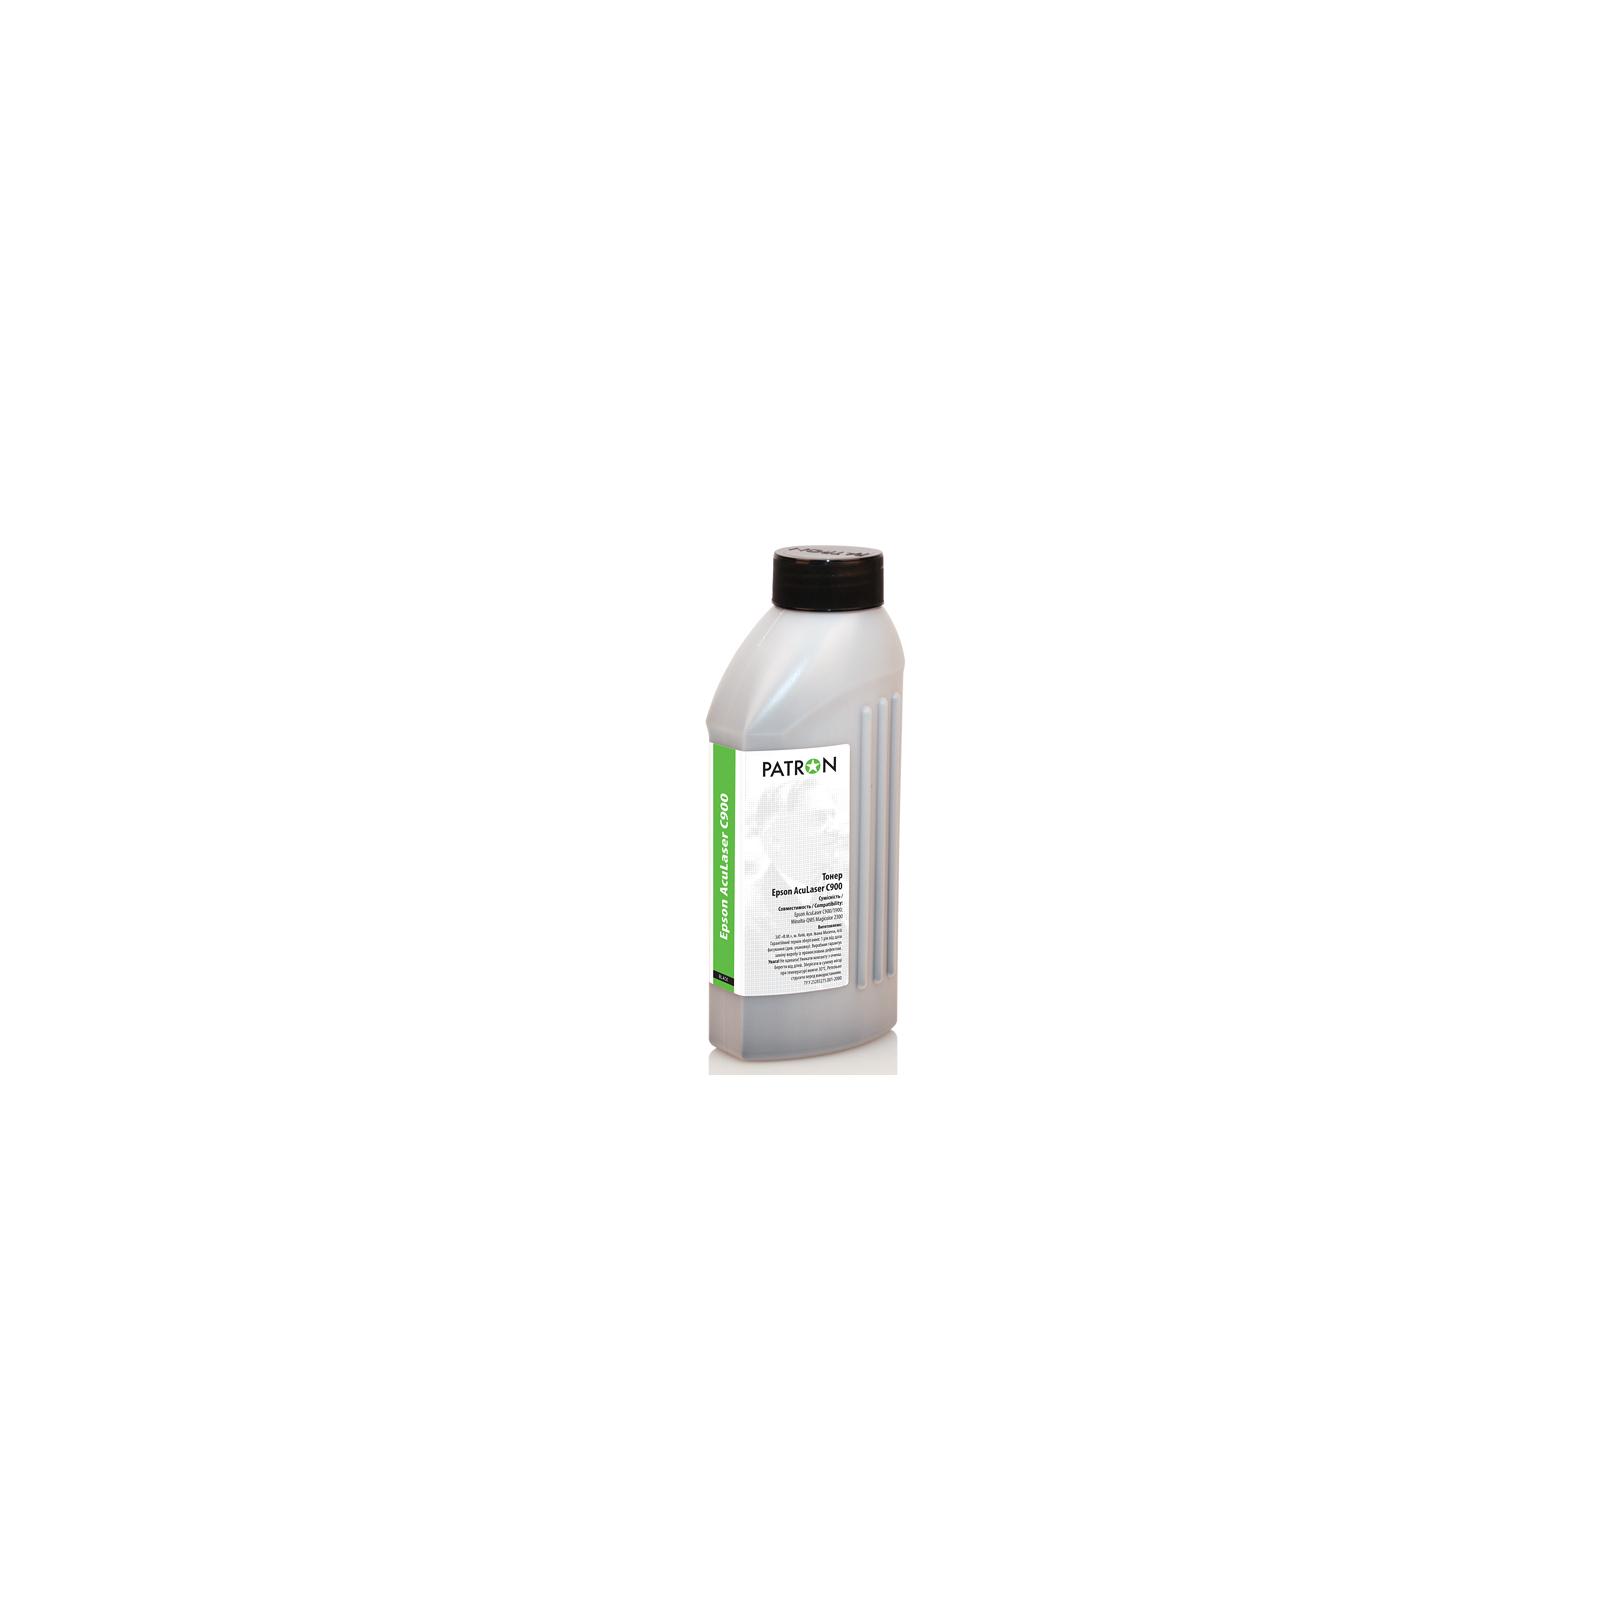 Тонер PATRON EPSON ACULASER C900 BLACK 180г (T-PN-EALC900-B-180)